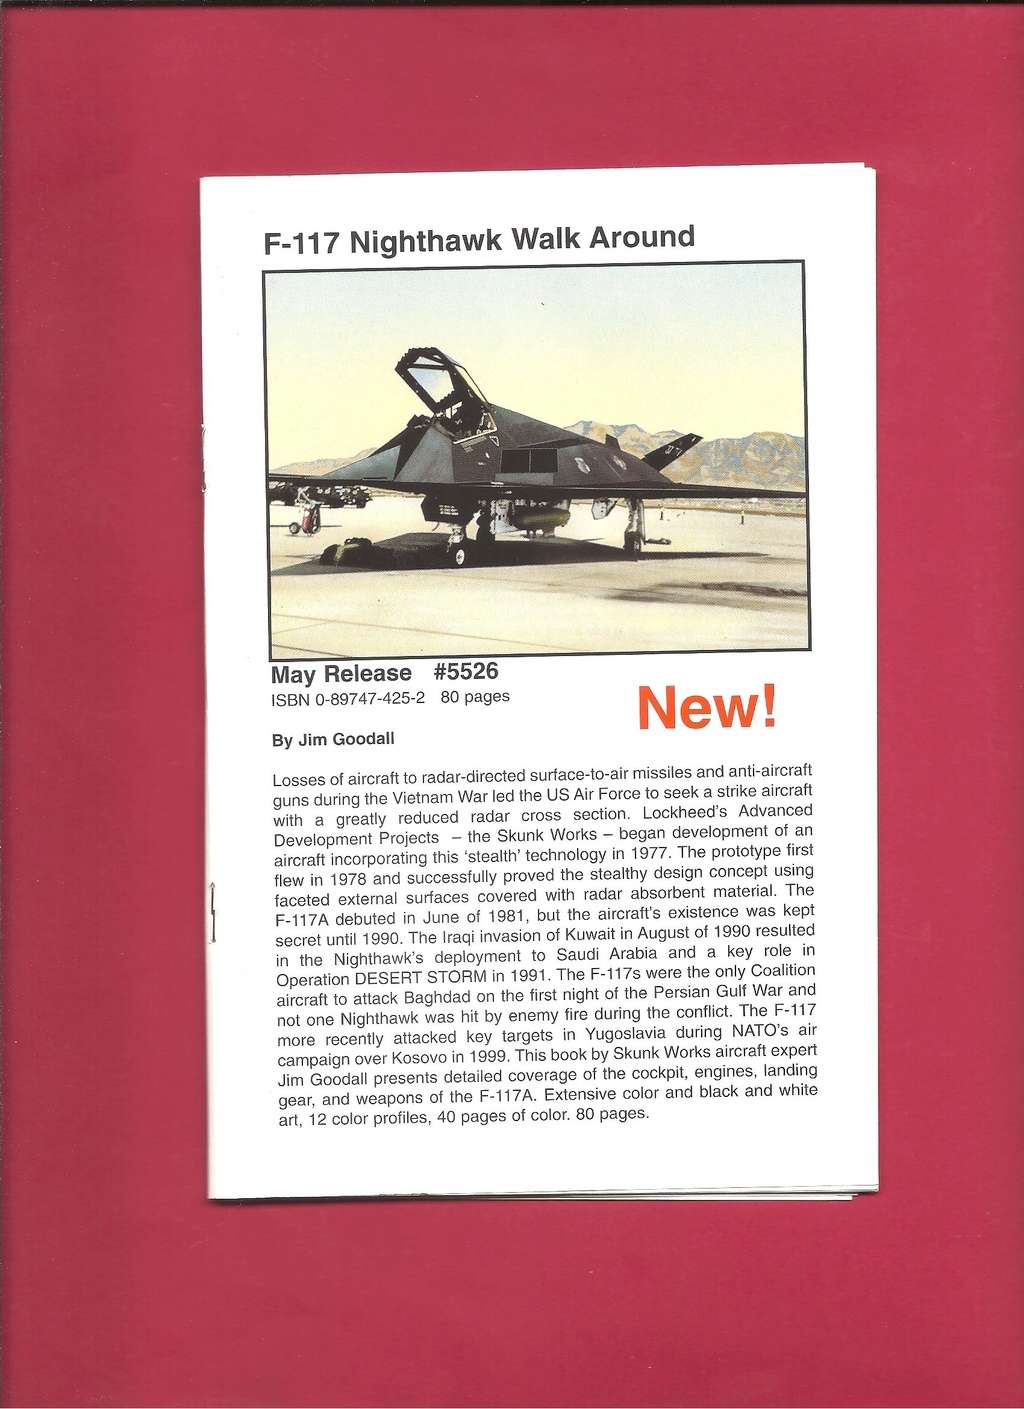 [SQUADRON /SIGNAL PUBLICATIONS 2001] Catalogue printemps 2001 Squadr50